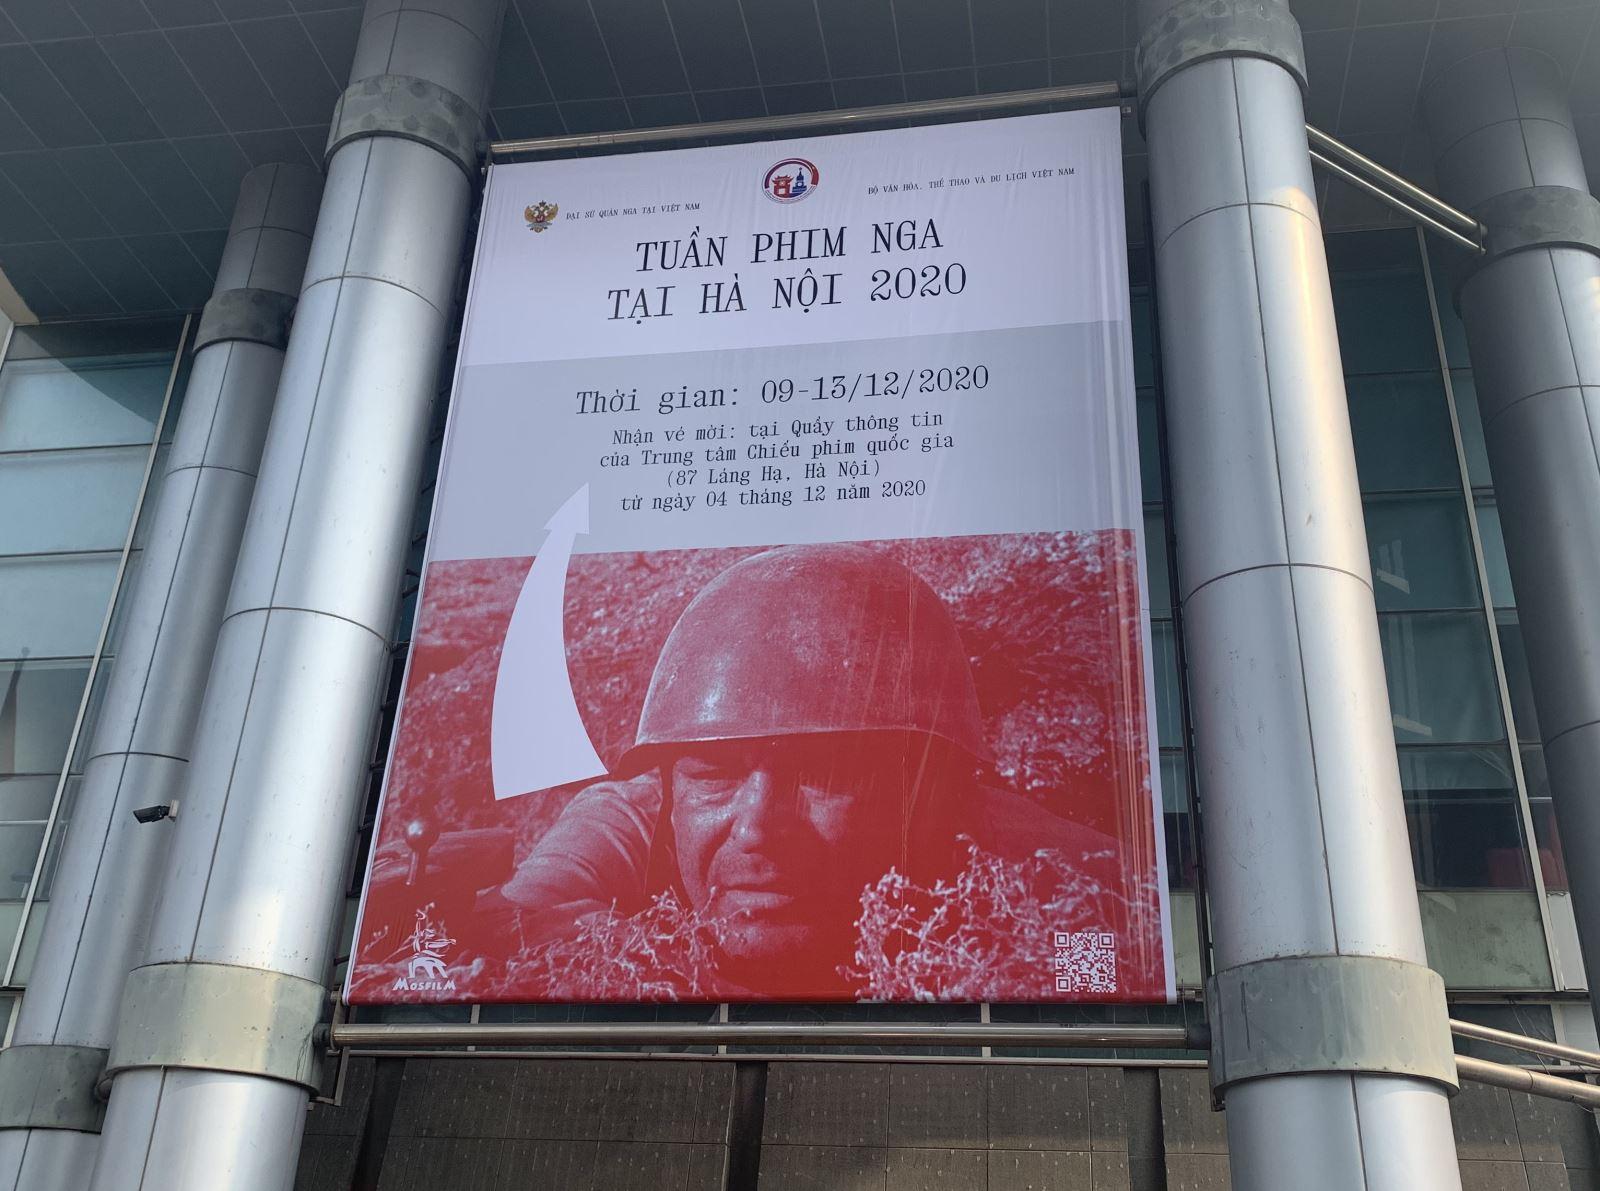 Khai mạc tuần chiếu phim Nga tại Hà Nội 2020